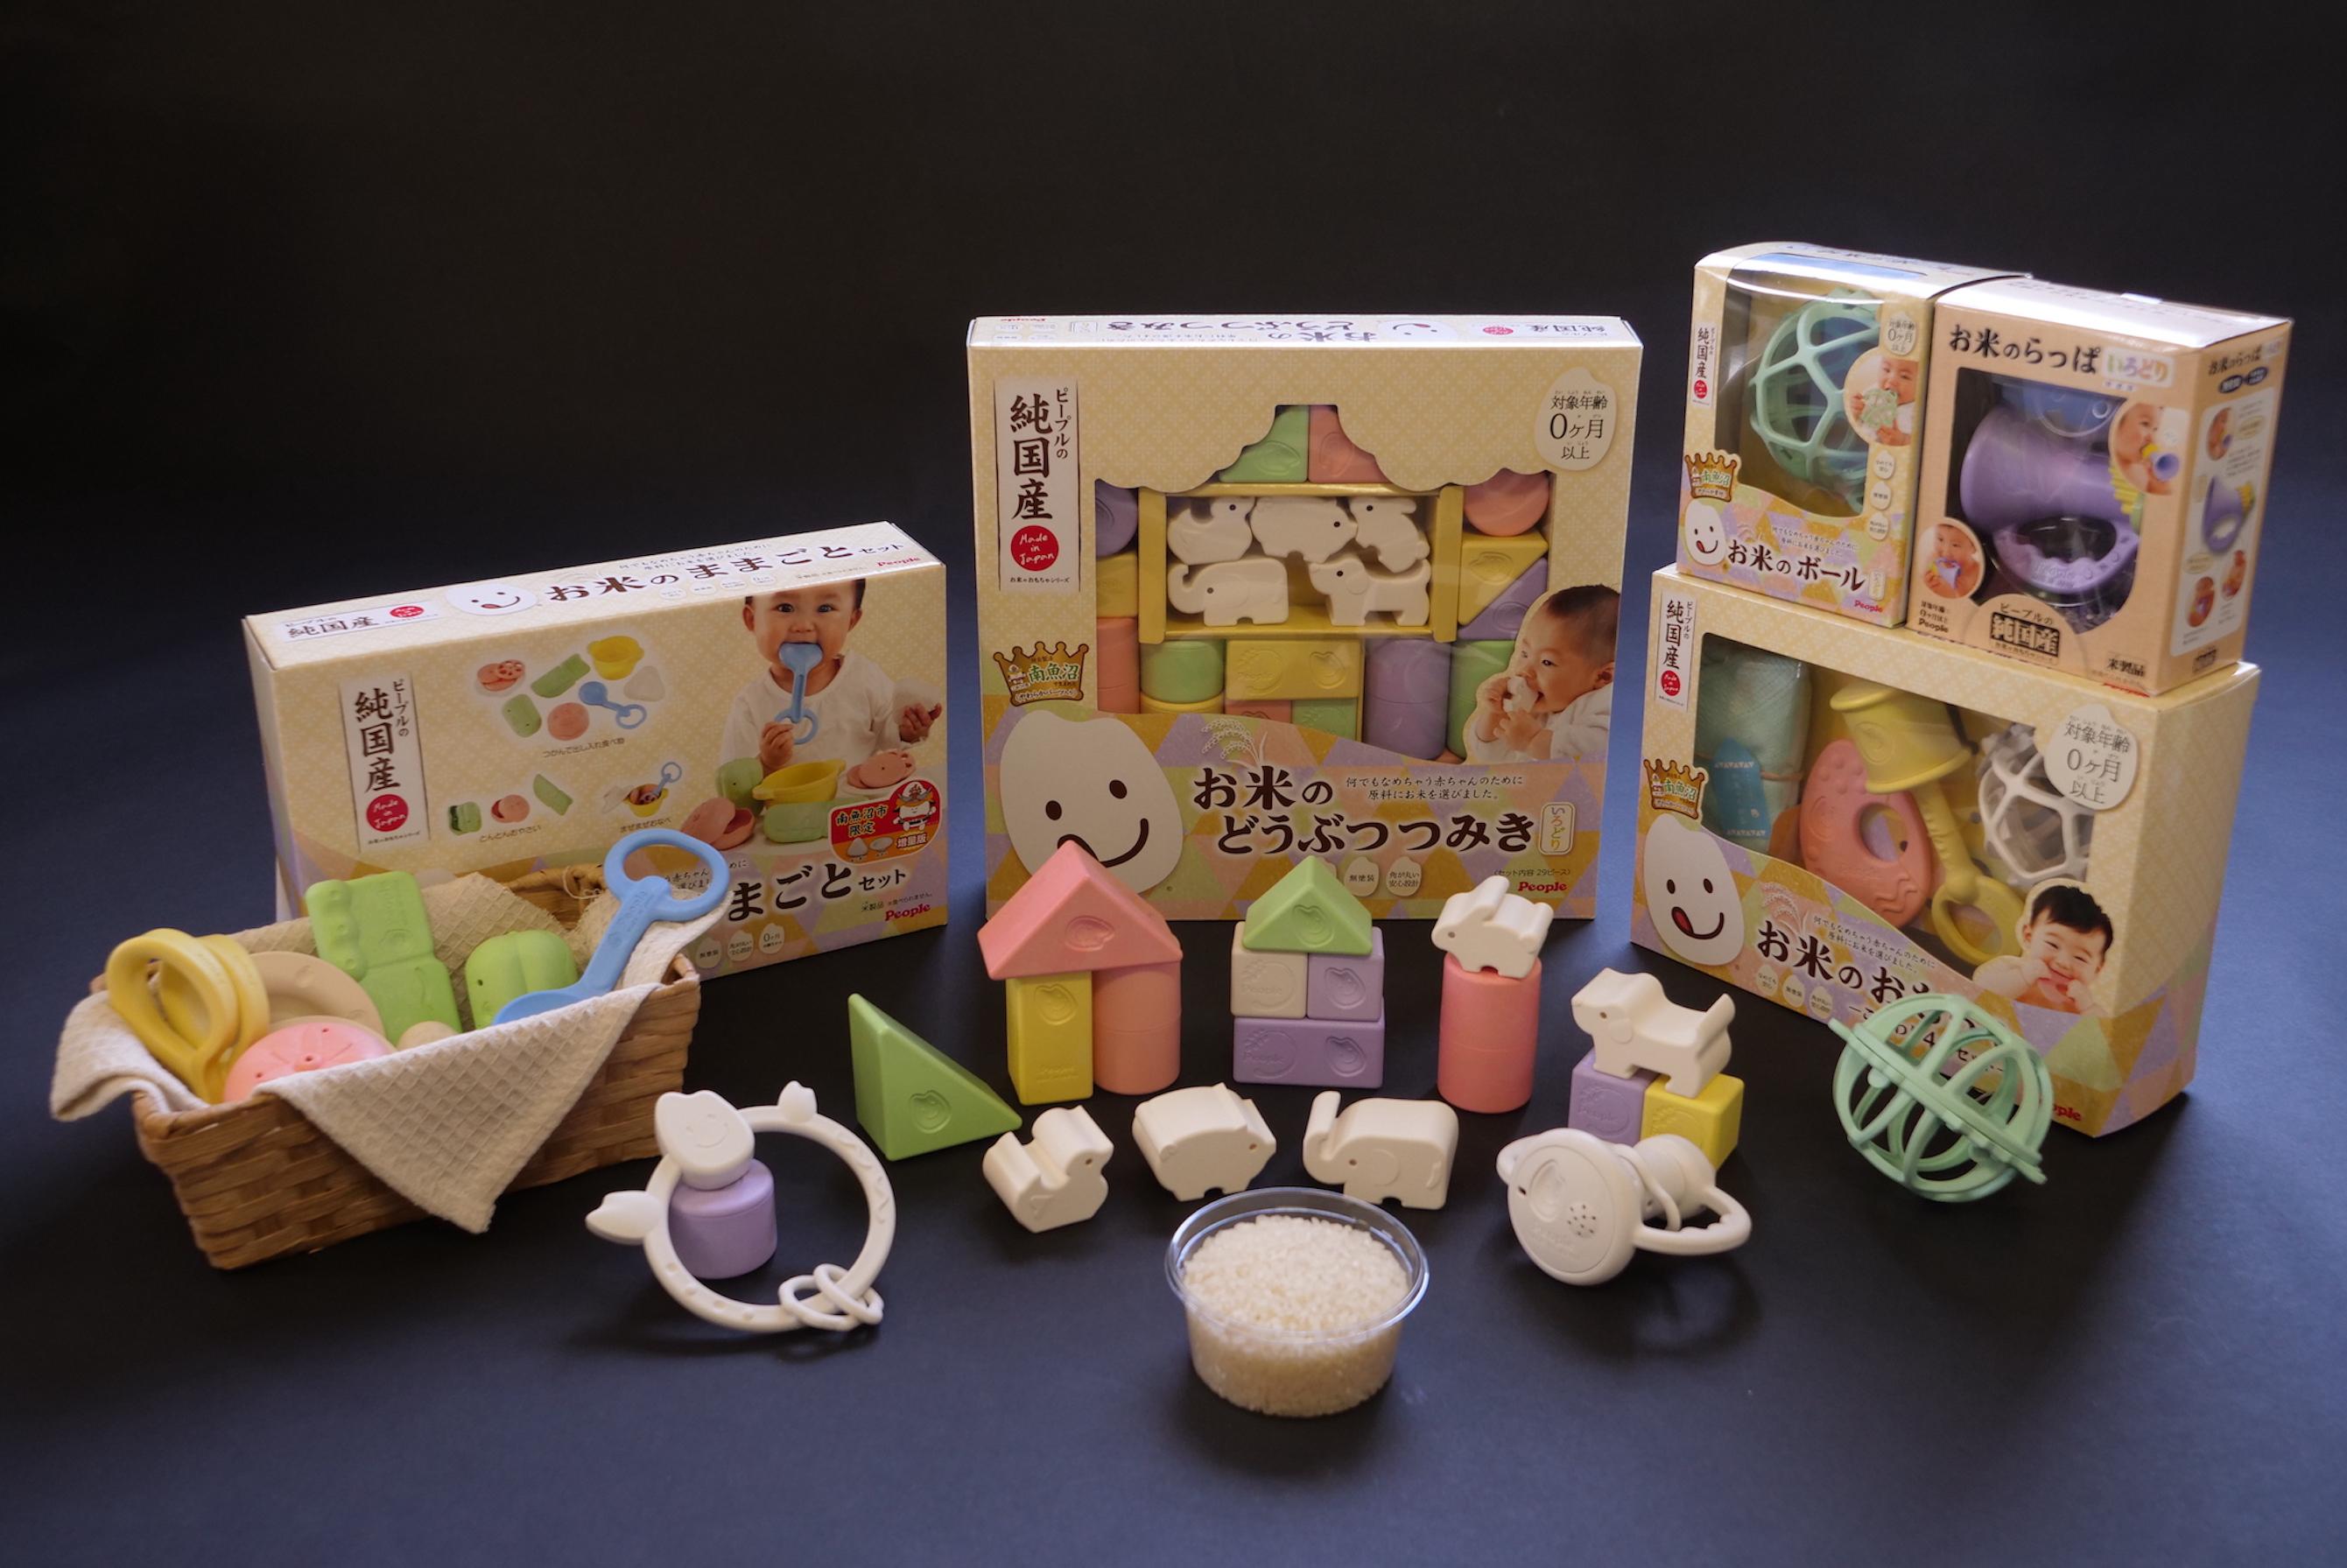 12095【自由テーマ】お米の国のお米のバイオマスプラスチックを使用した「純国産 お米のおもちゃ」